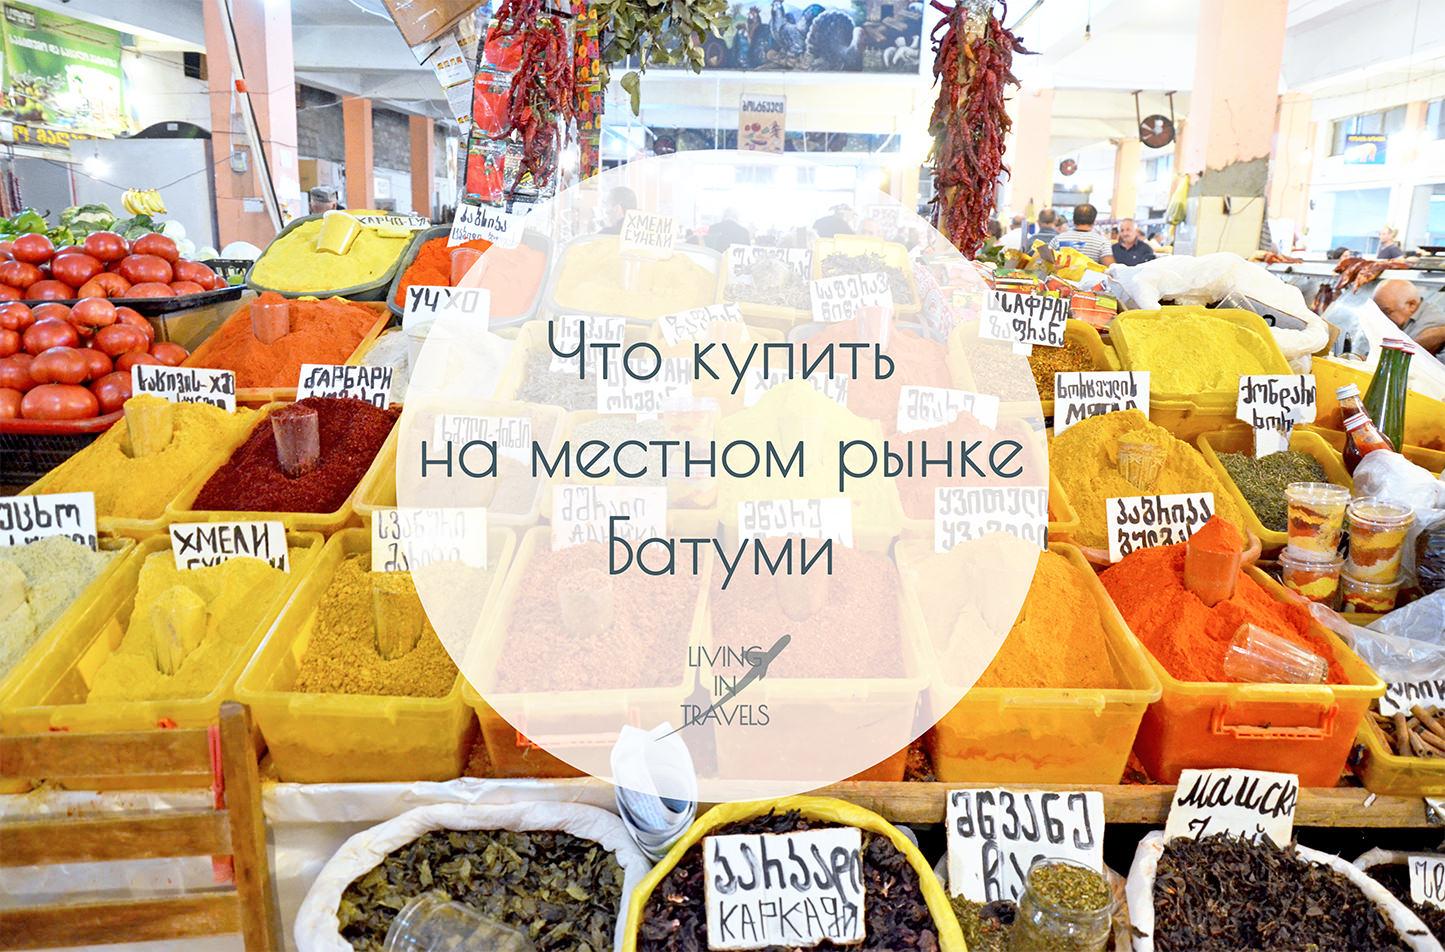 Что купить на местном рынке Батуми